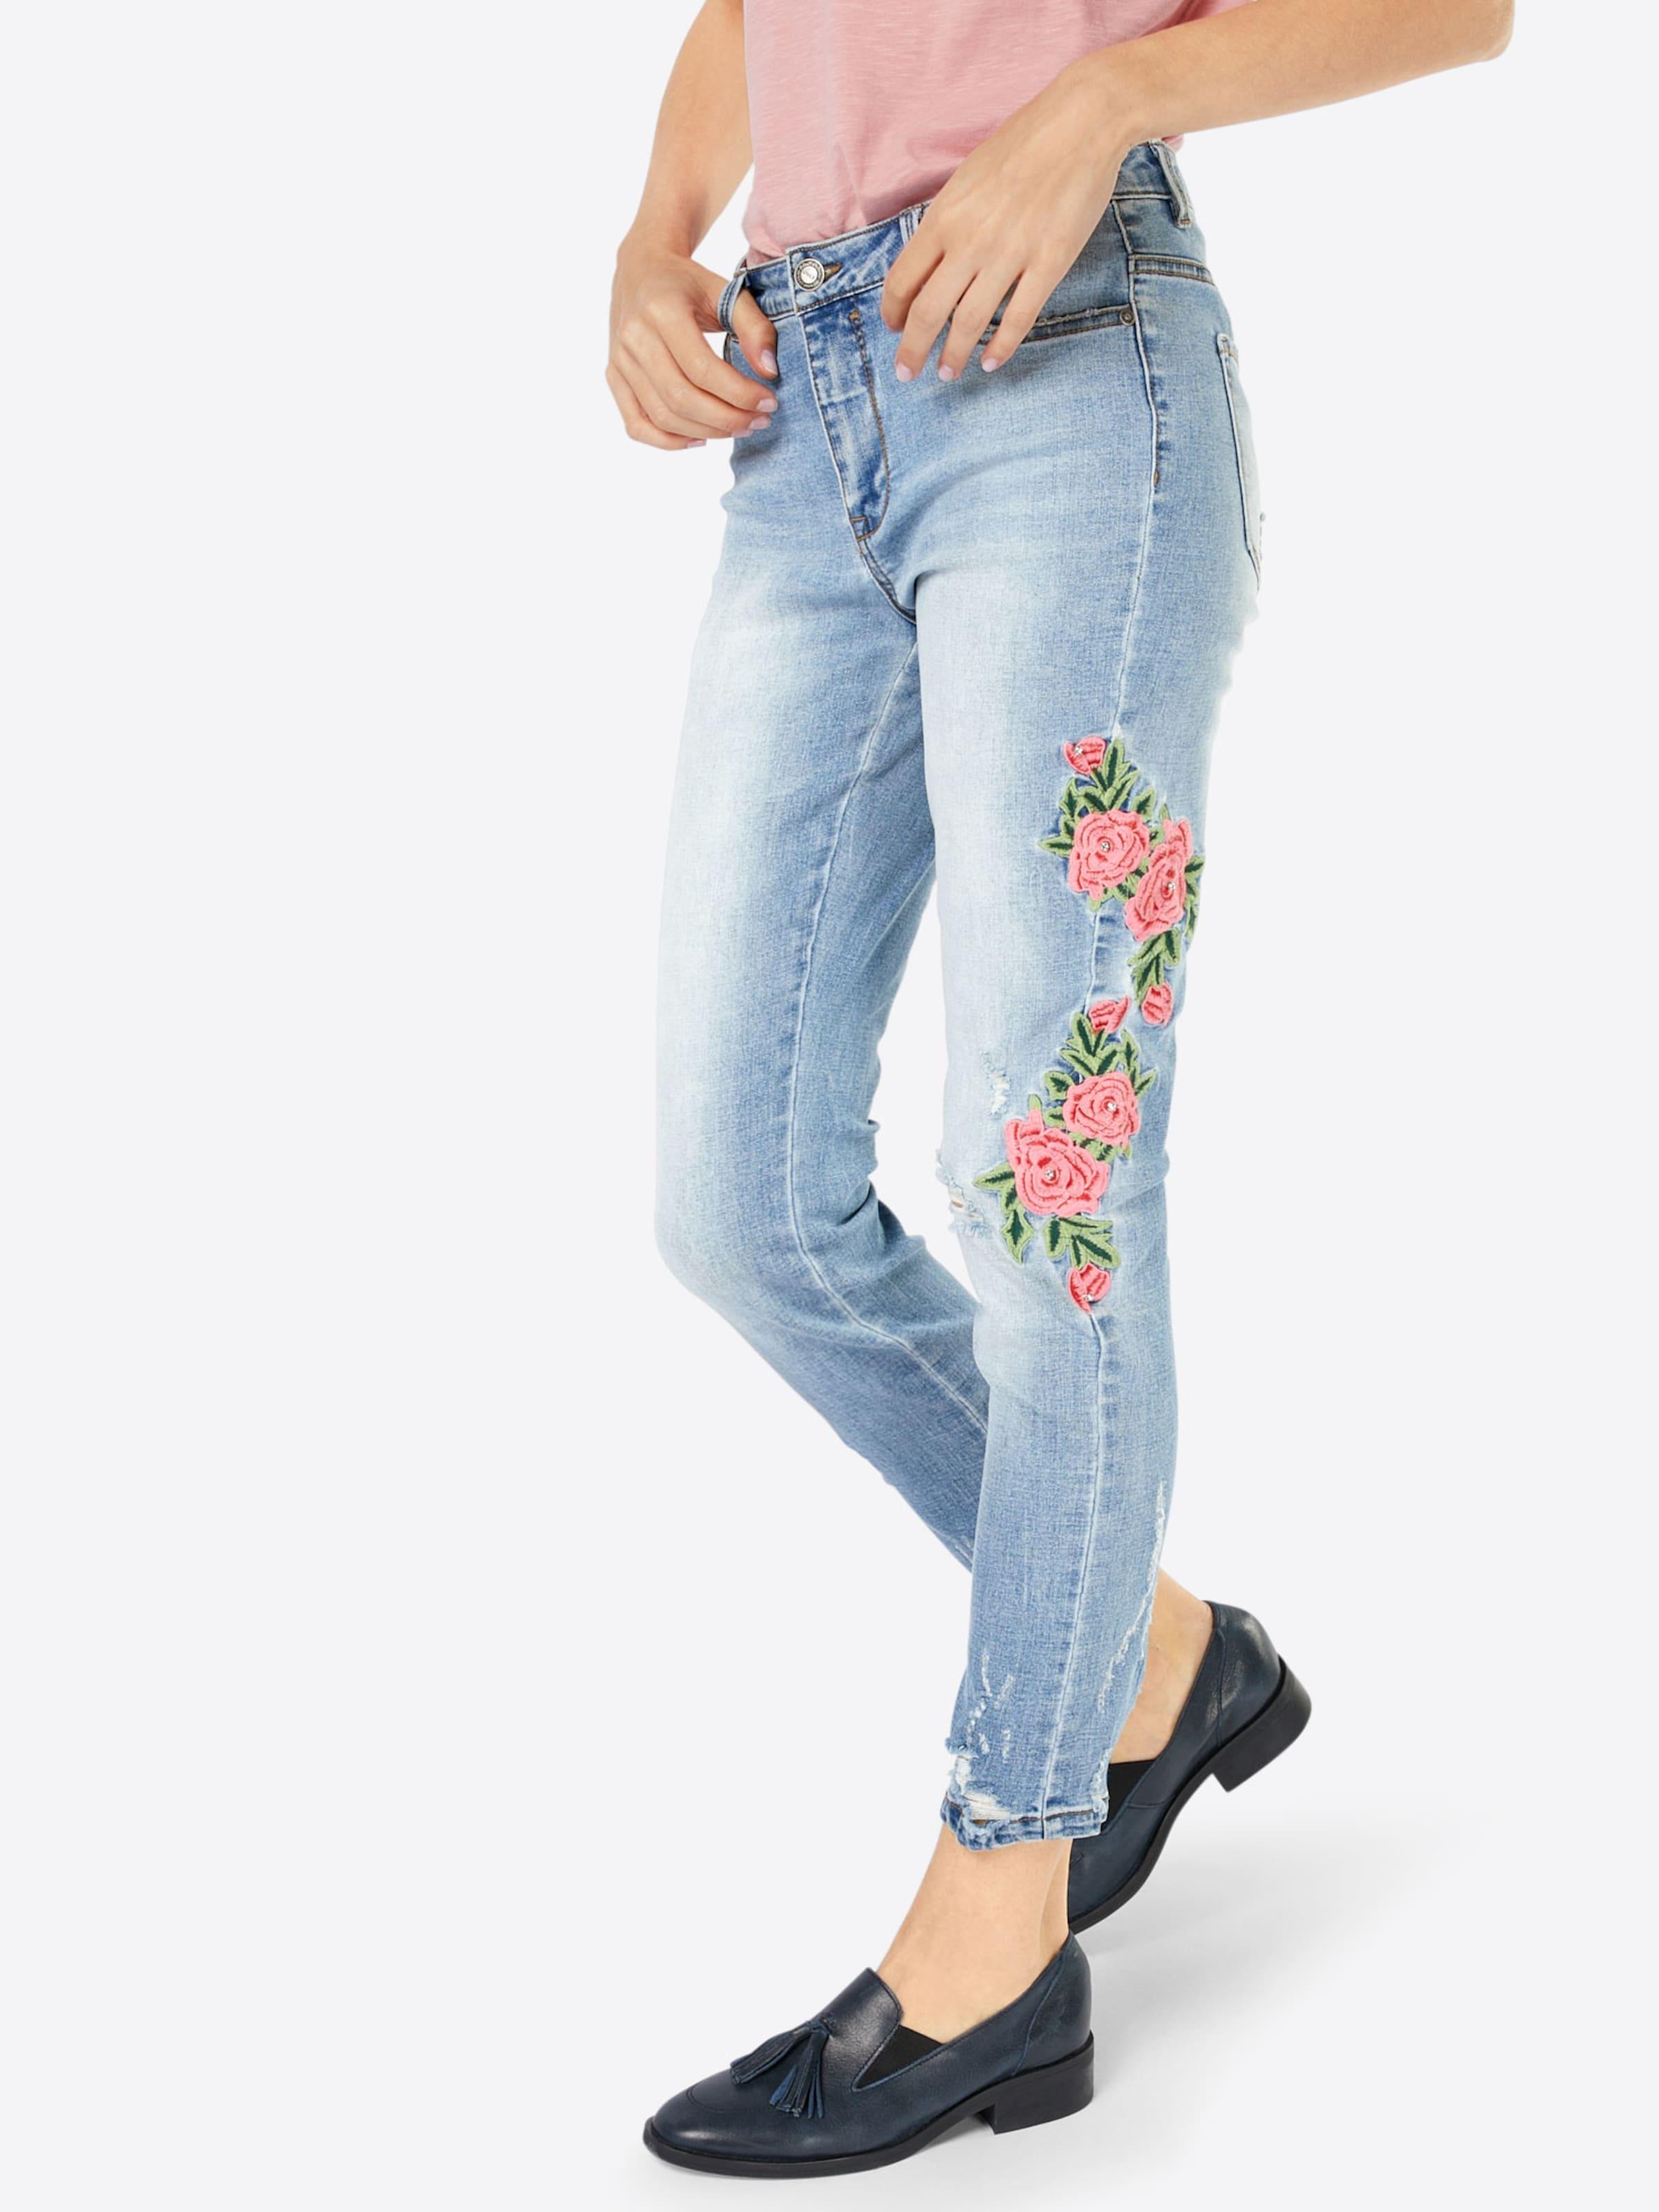 Billig Billig Zum Verkauf Der Billigsten ONLY Skinny Jeans 'Carmen' Rabatt Footlocker Wo Zu Kaufen Outlet Shop Angebot TtV62ZH3R